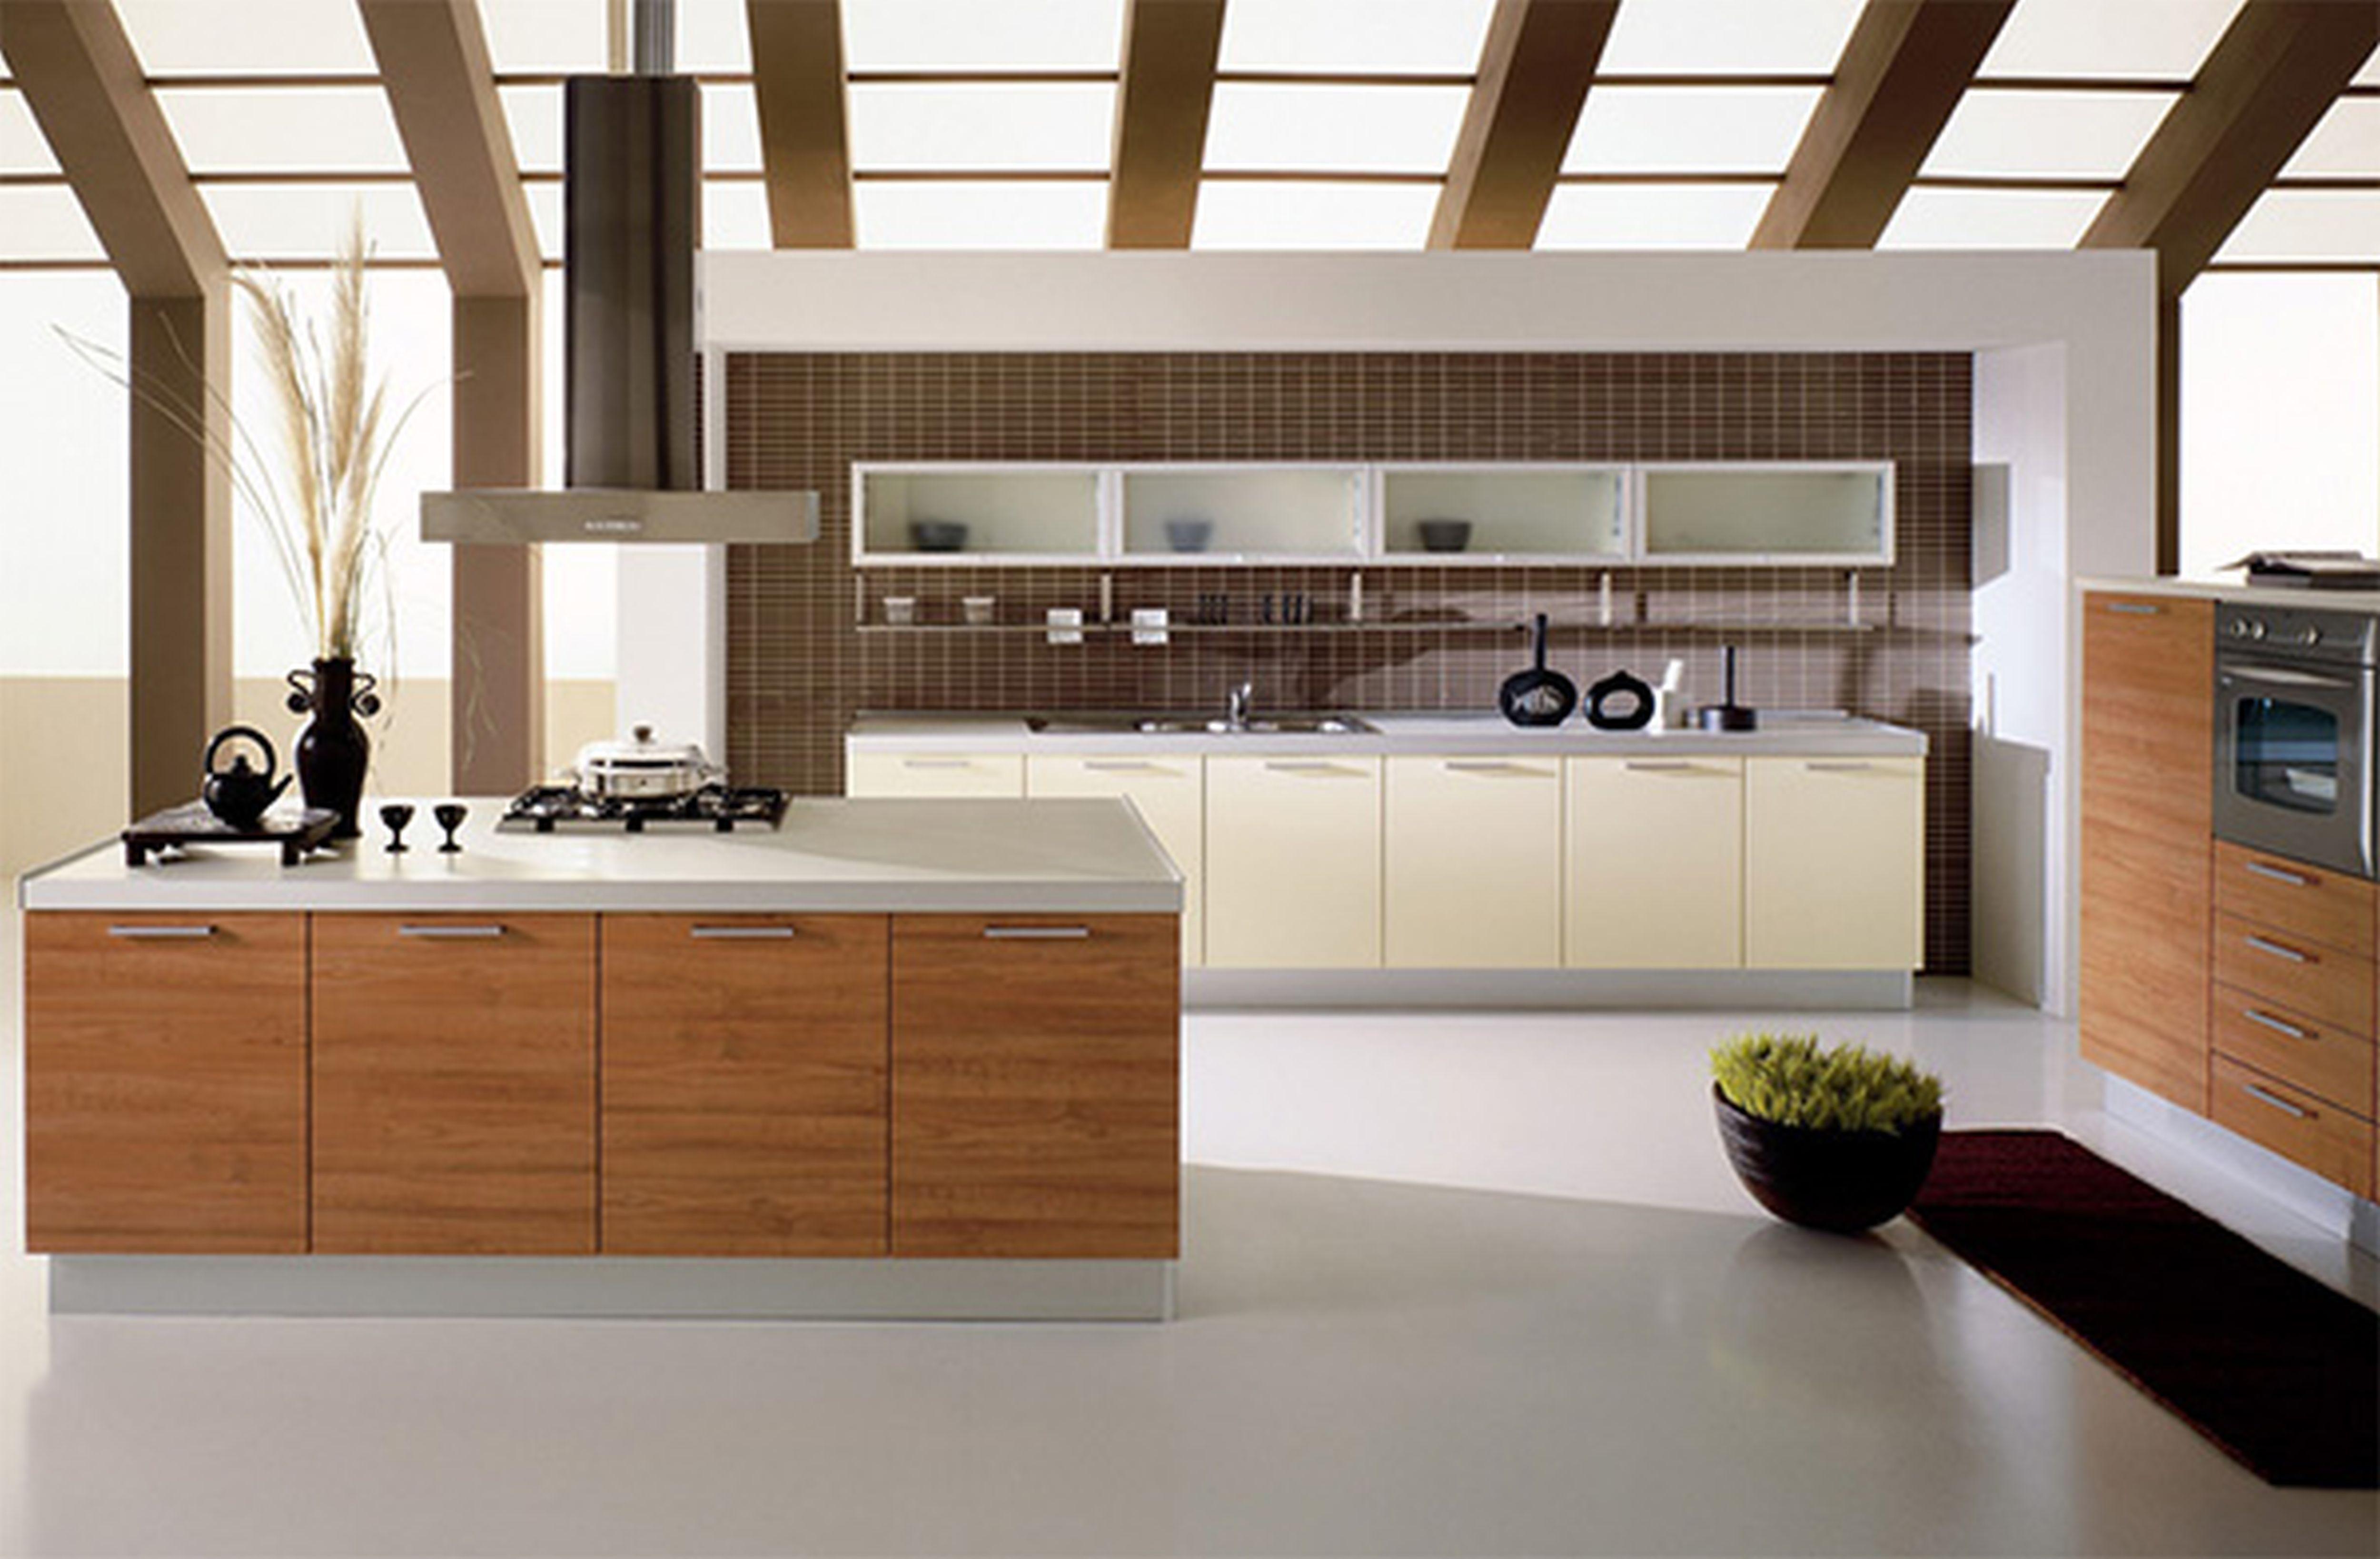 modern kitchen designs Kitchen Contemporary Kitchen Design Ideas With Modern White And Contemporary Kitchen Cabinets